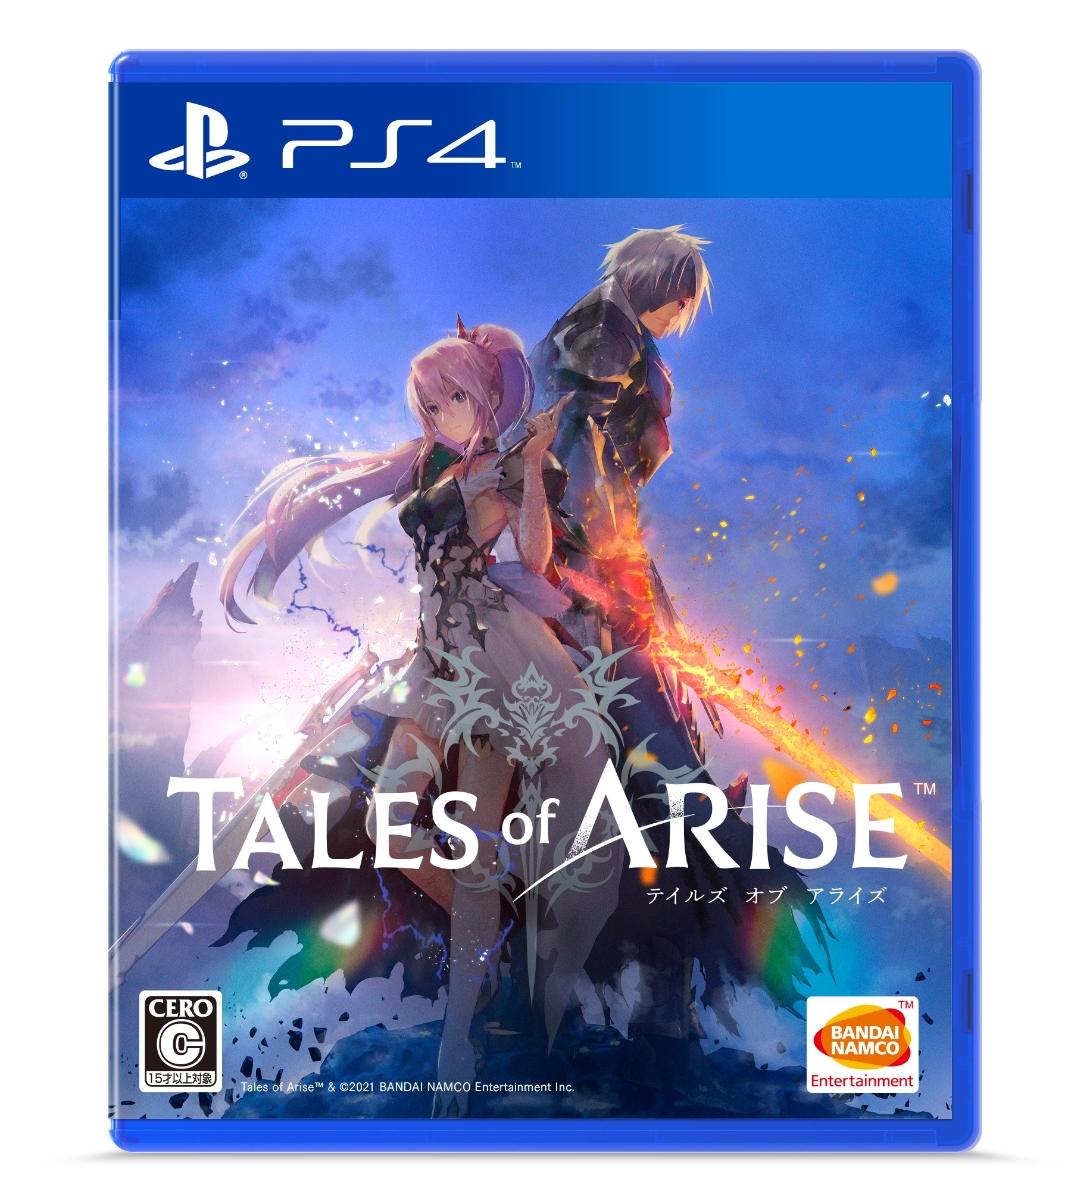 【予約】【特典】Tales of ARISE PS4版(【早期購入封入特典】ダウンロードコンテンツ4種が入手できるプロダクトコード)